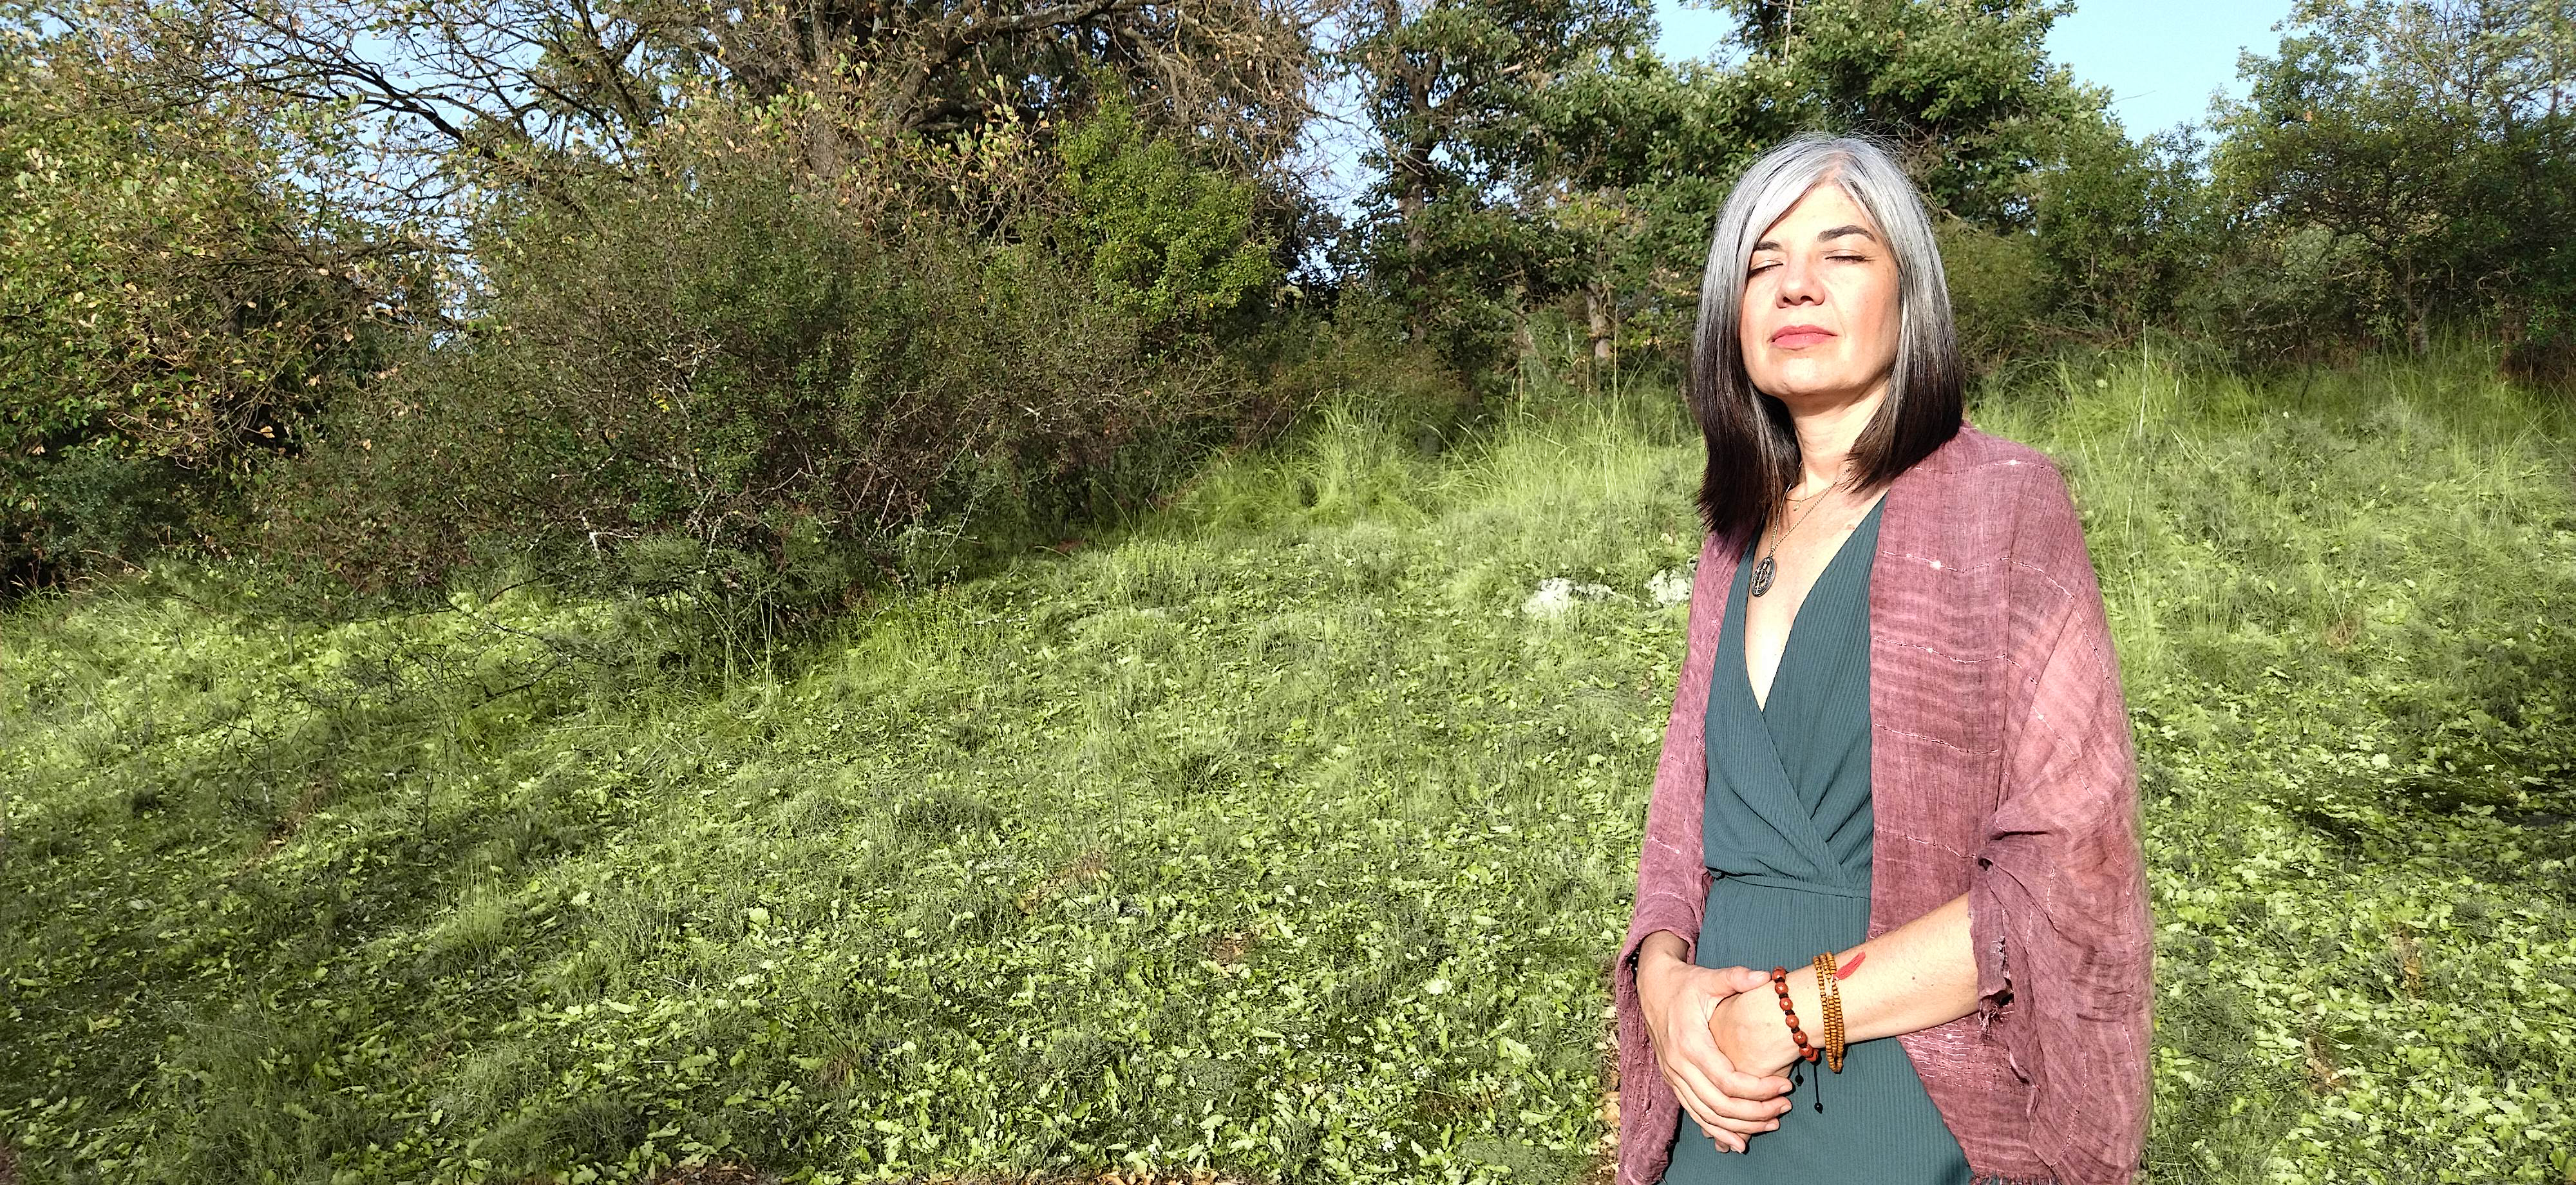 Mónica Manso meditando